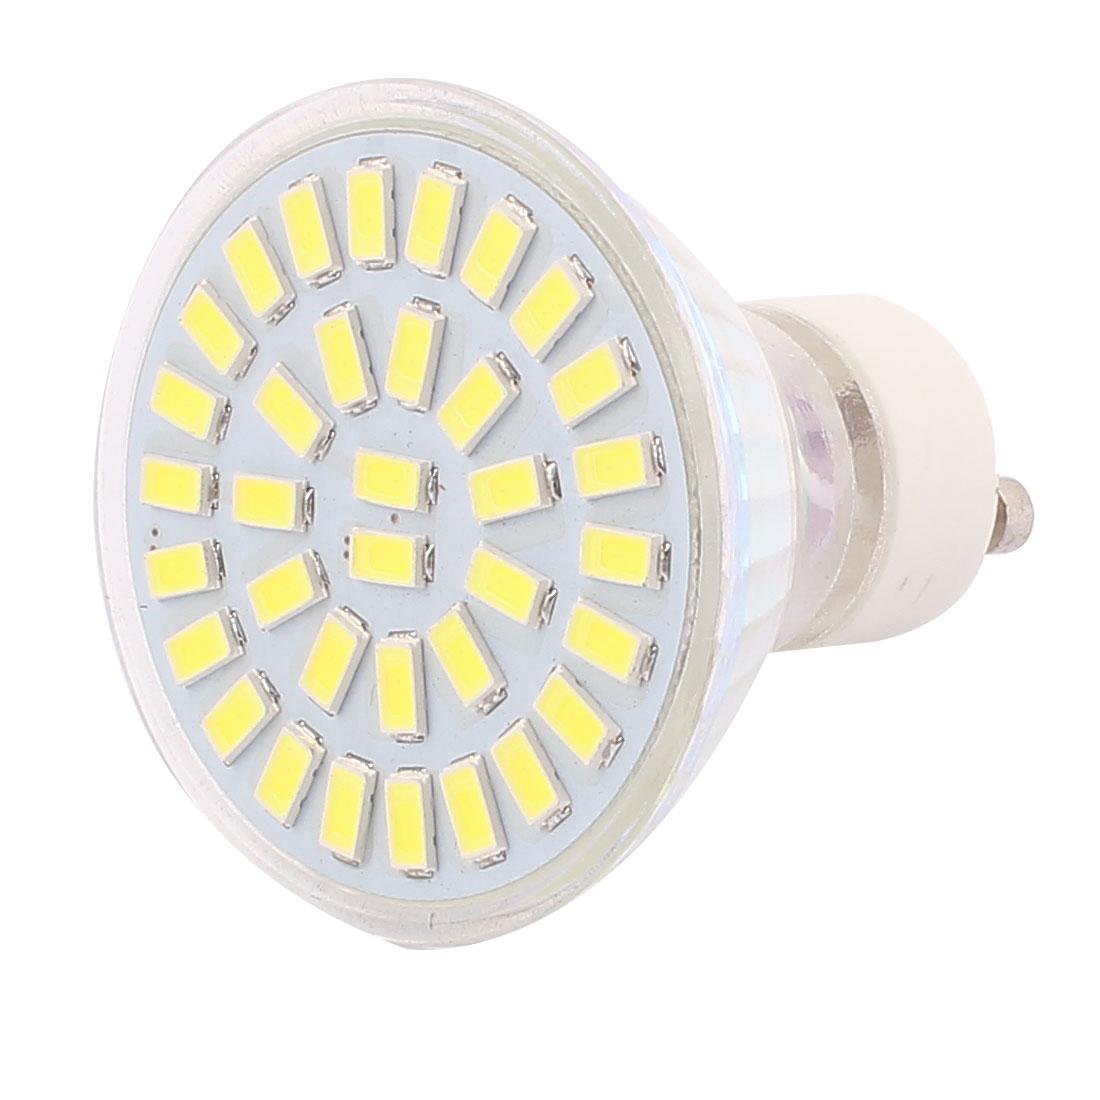 220V-240V GU10 LED Light 5W 5730 SMD 35 LEDs Spotlight Down Lamp Bulb Lighting Pure White